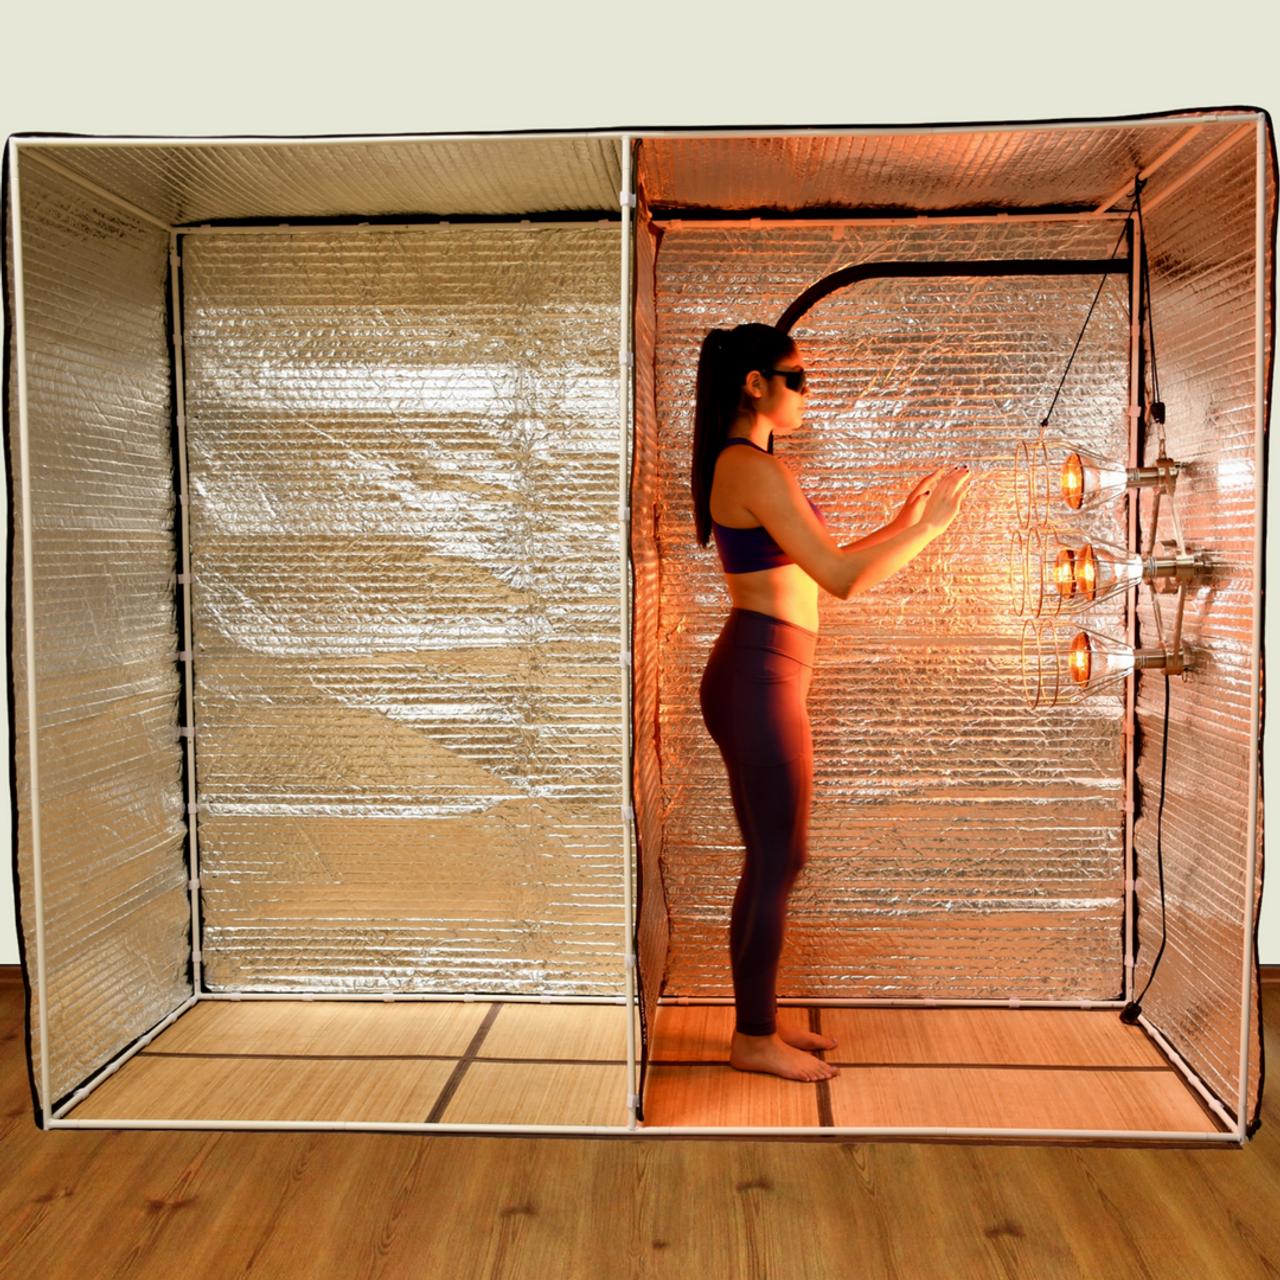 Sauna Fix near infrared Home Hot Yoga Bundle